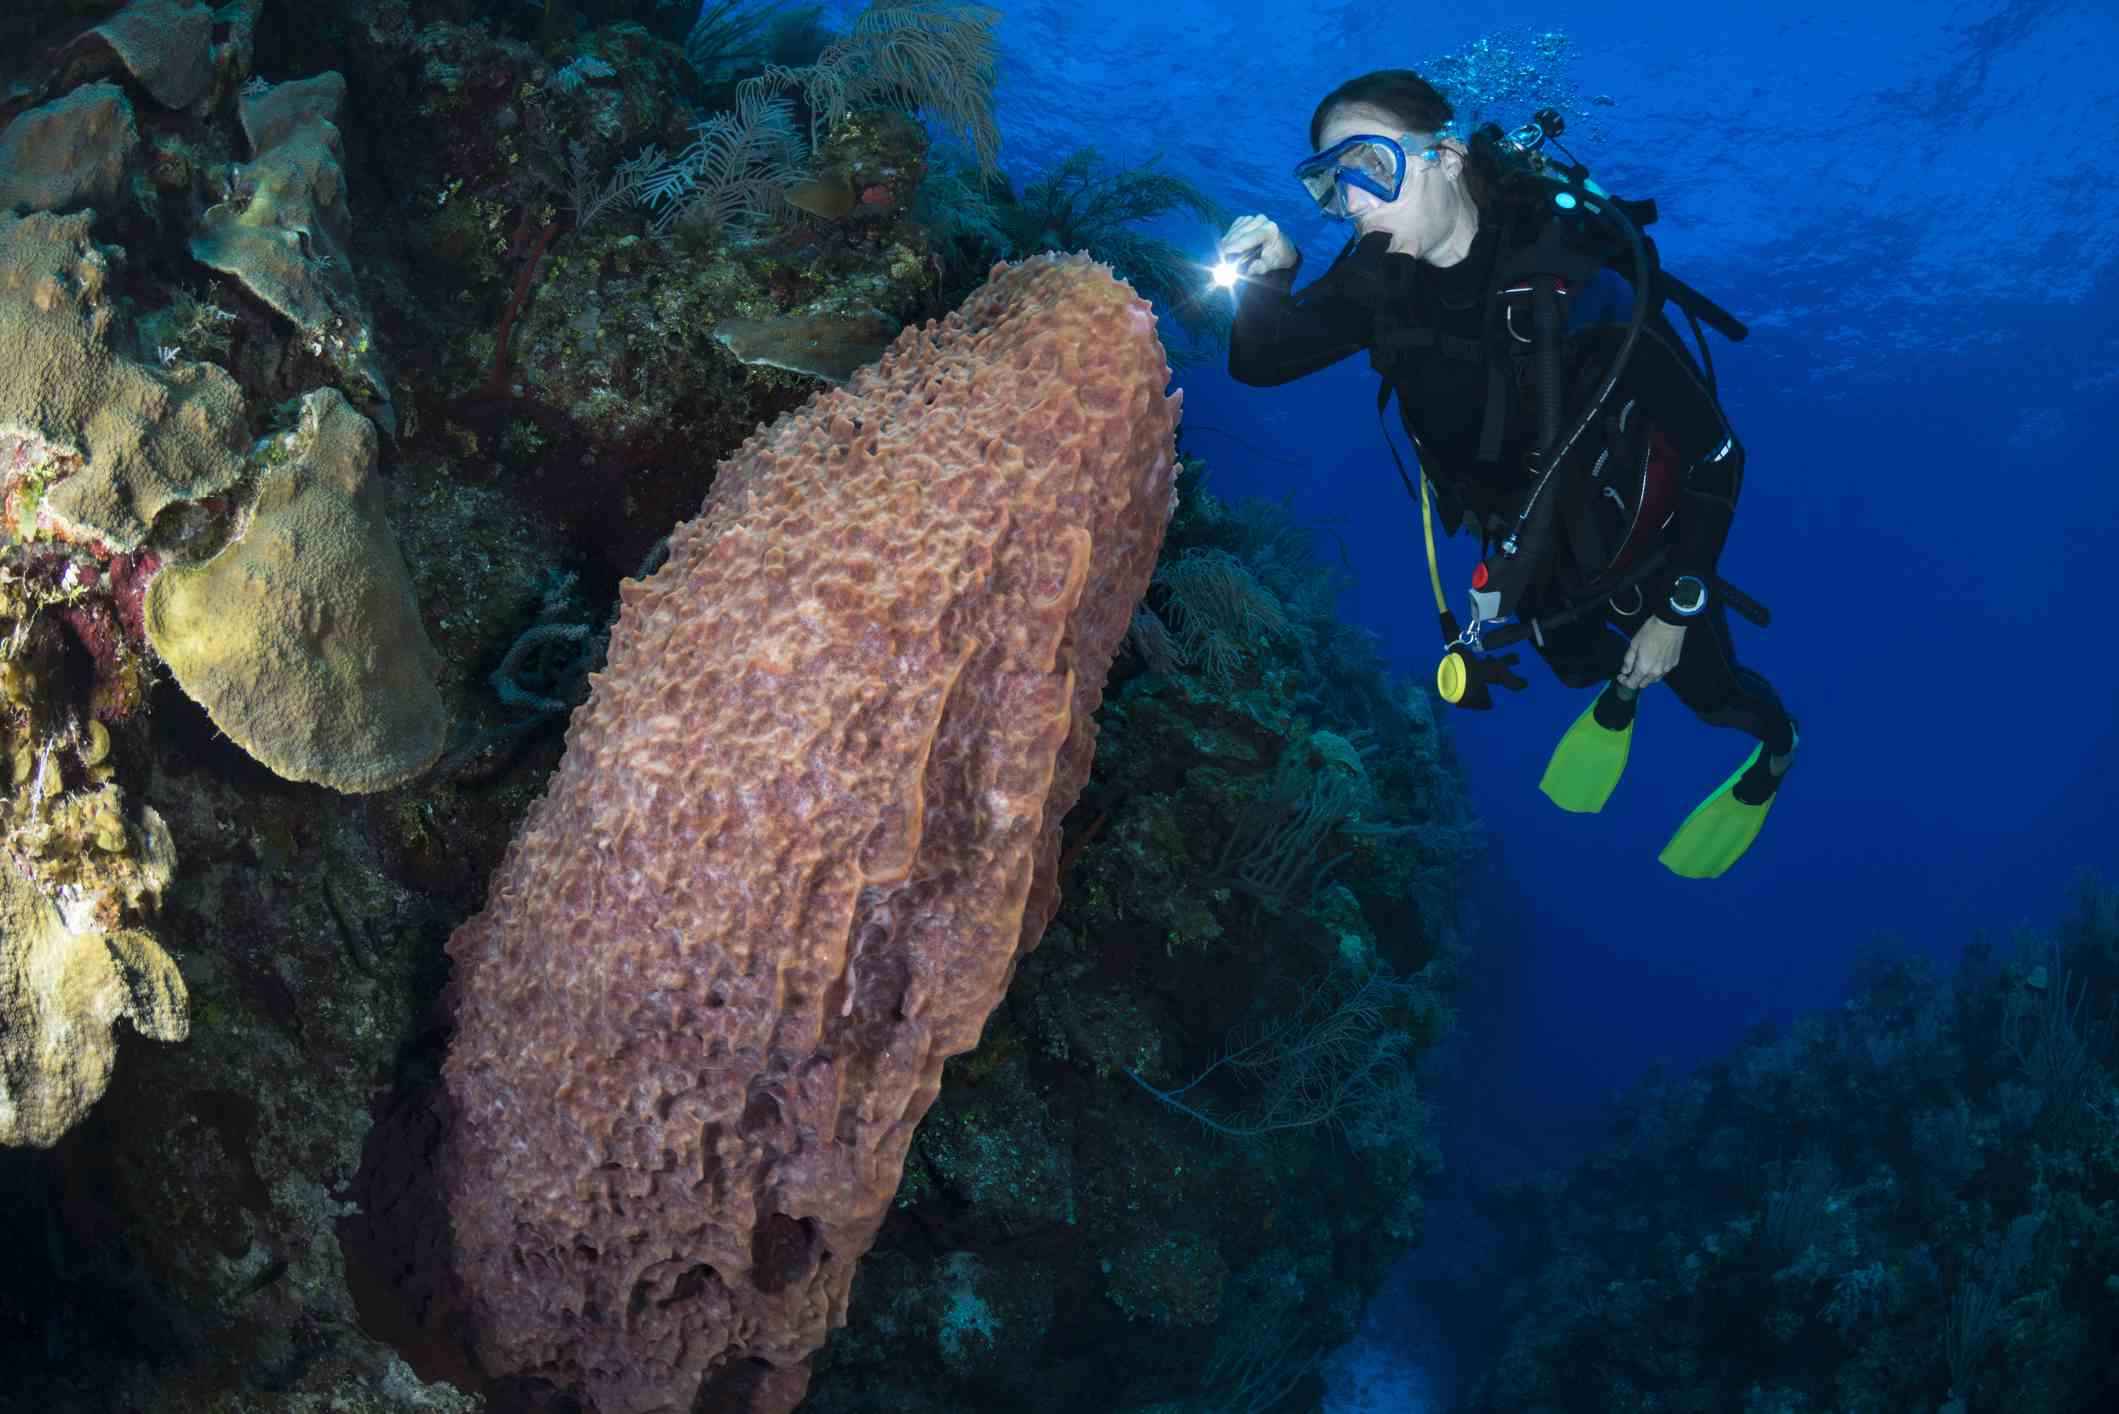 Giant barrel sponge and diver